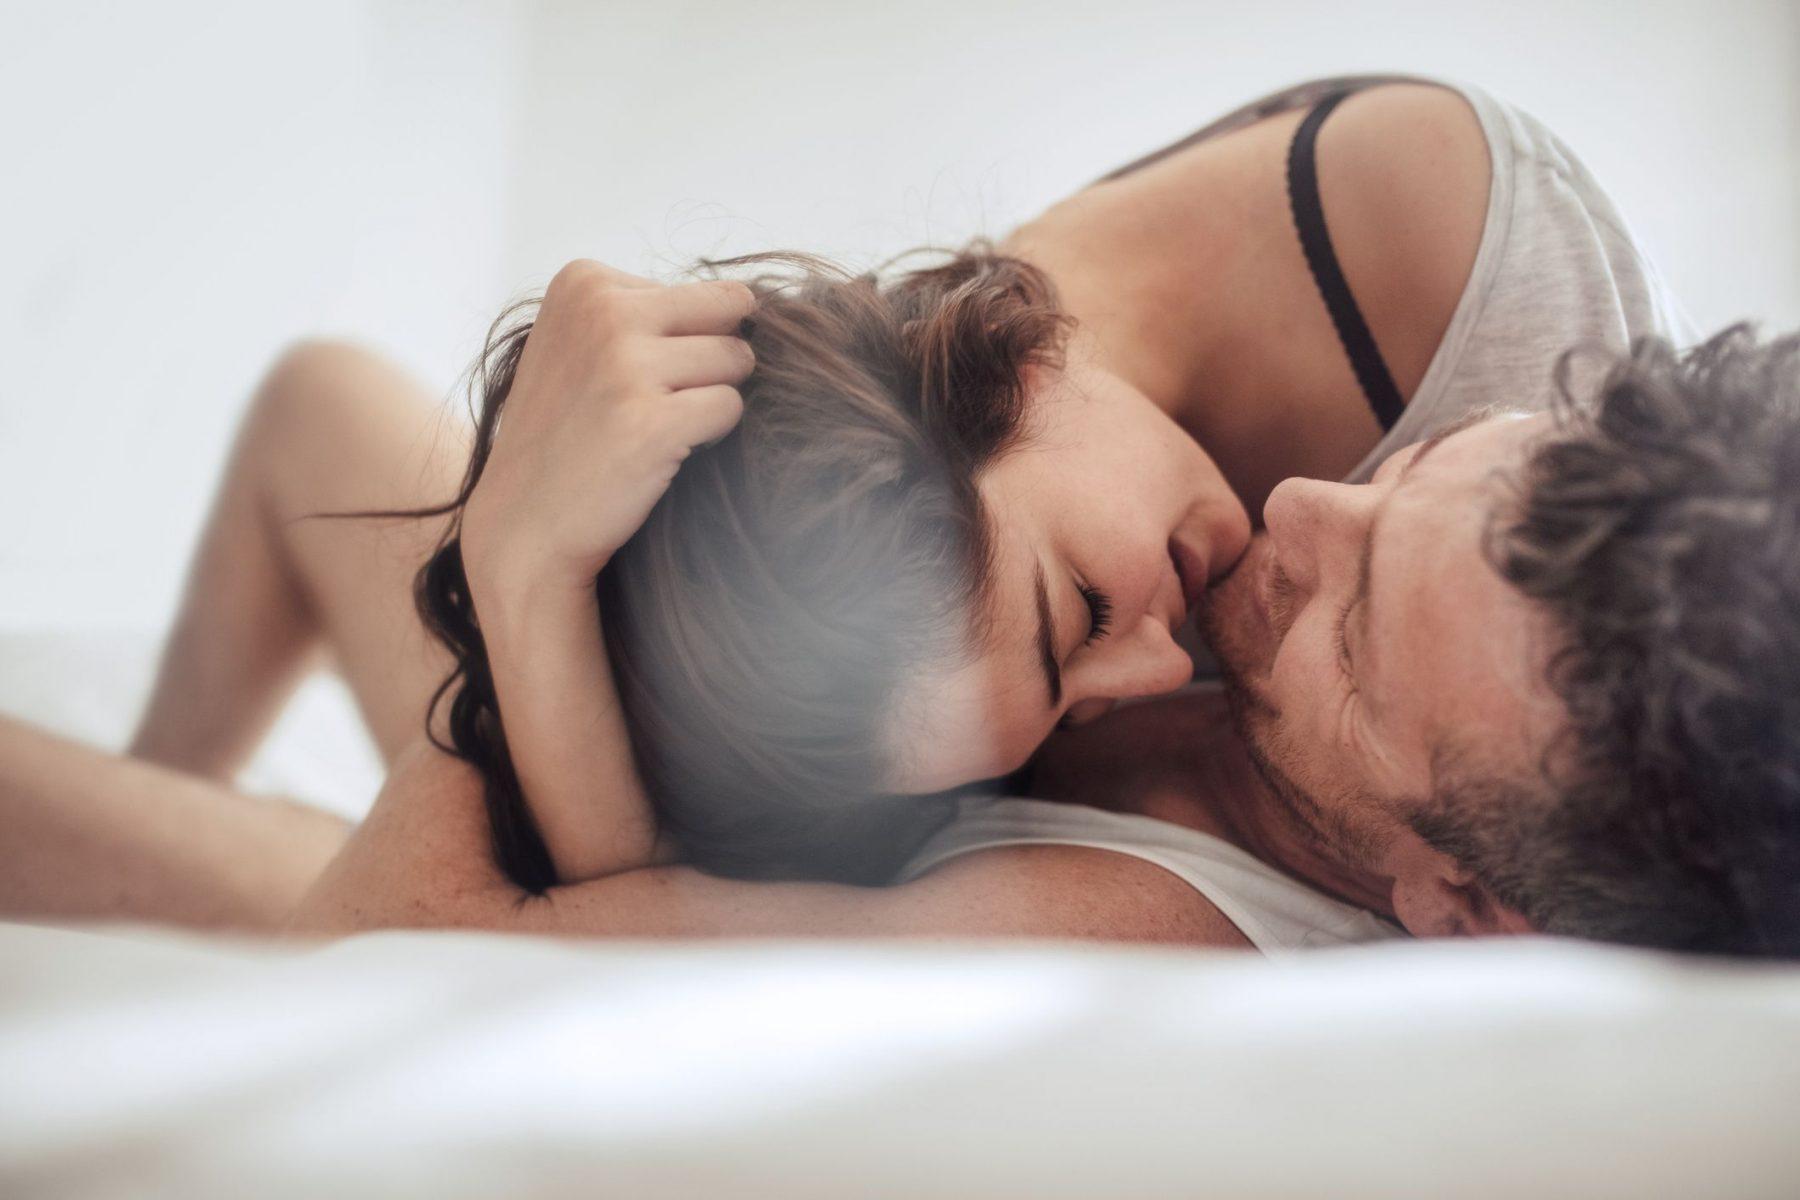 Βαρετό σεξ: Οι μύστες του σεξ συμβουλεύουν…